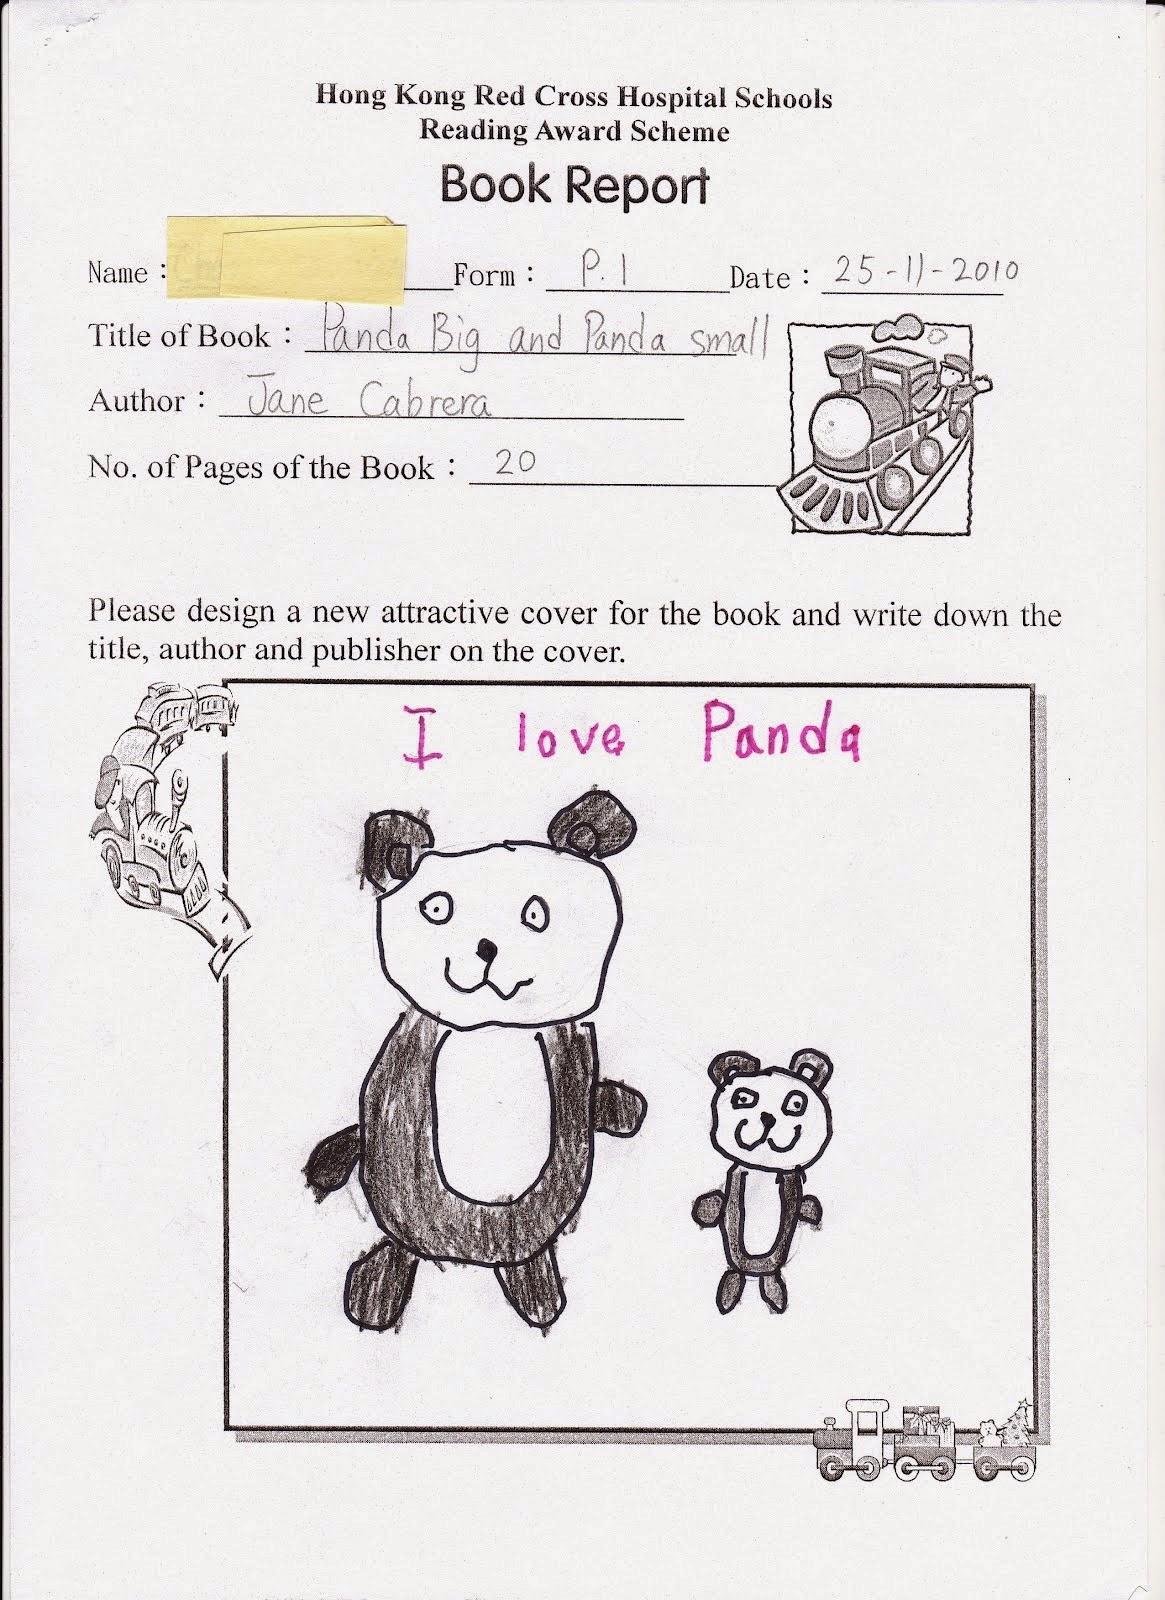 香港紅十字會醫院學校: Panda Big and Panda Small